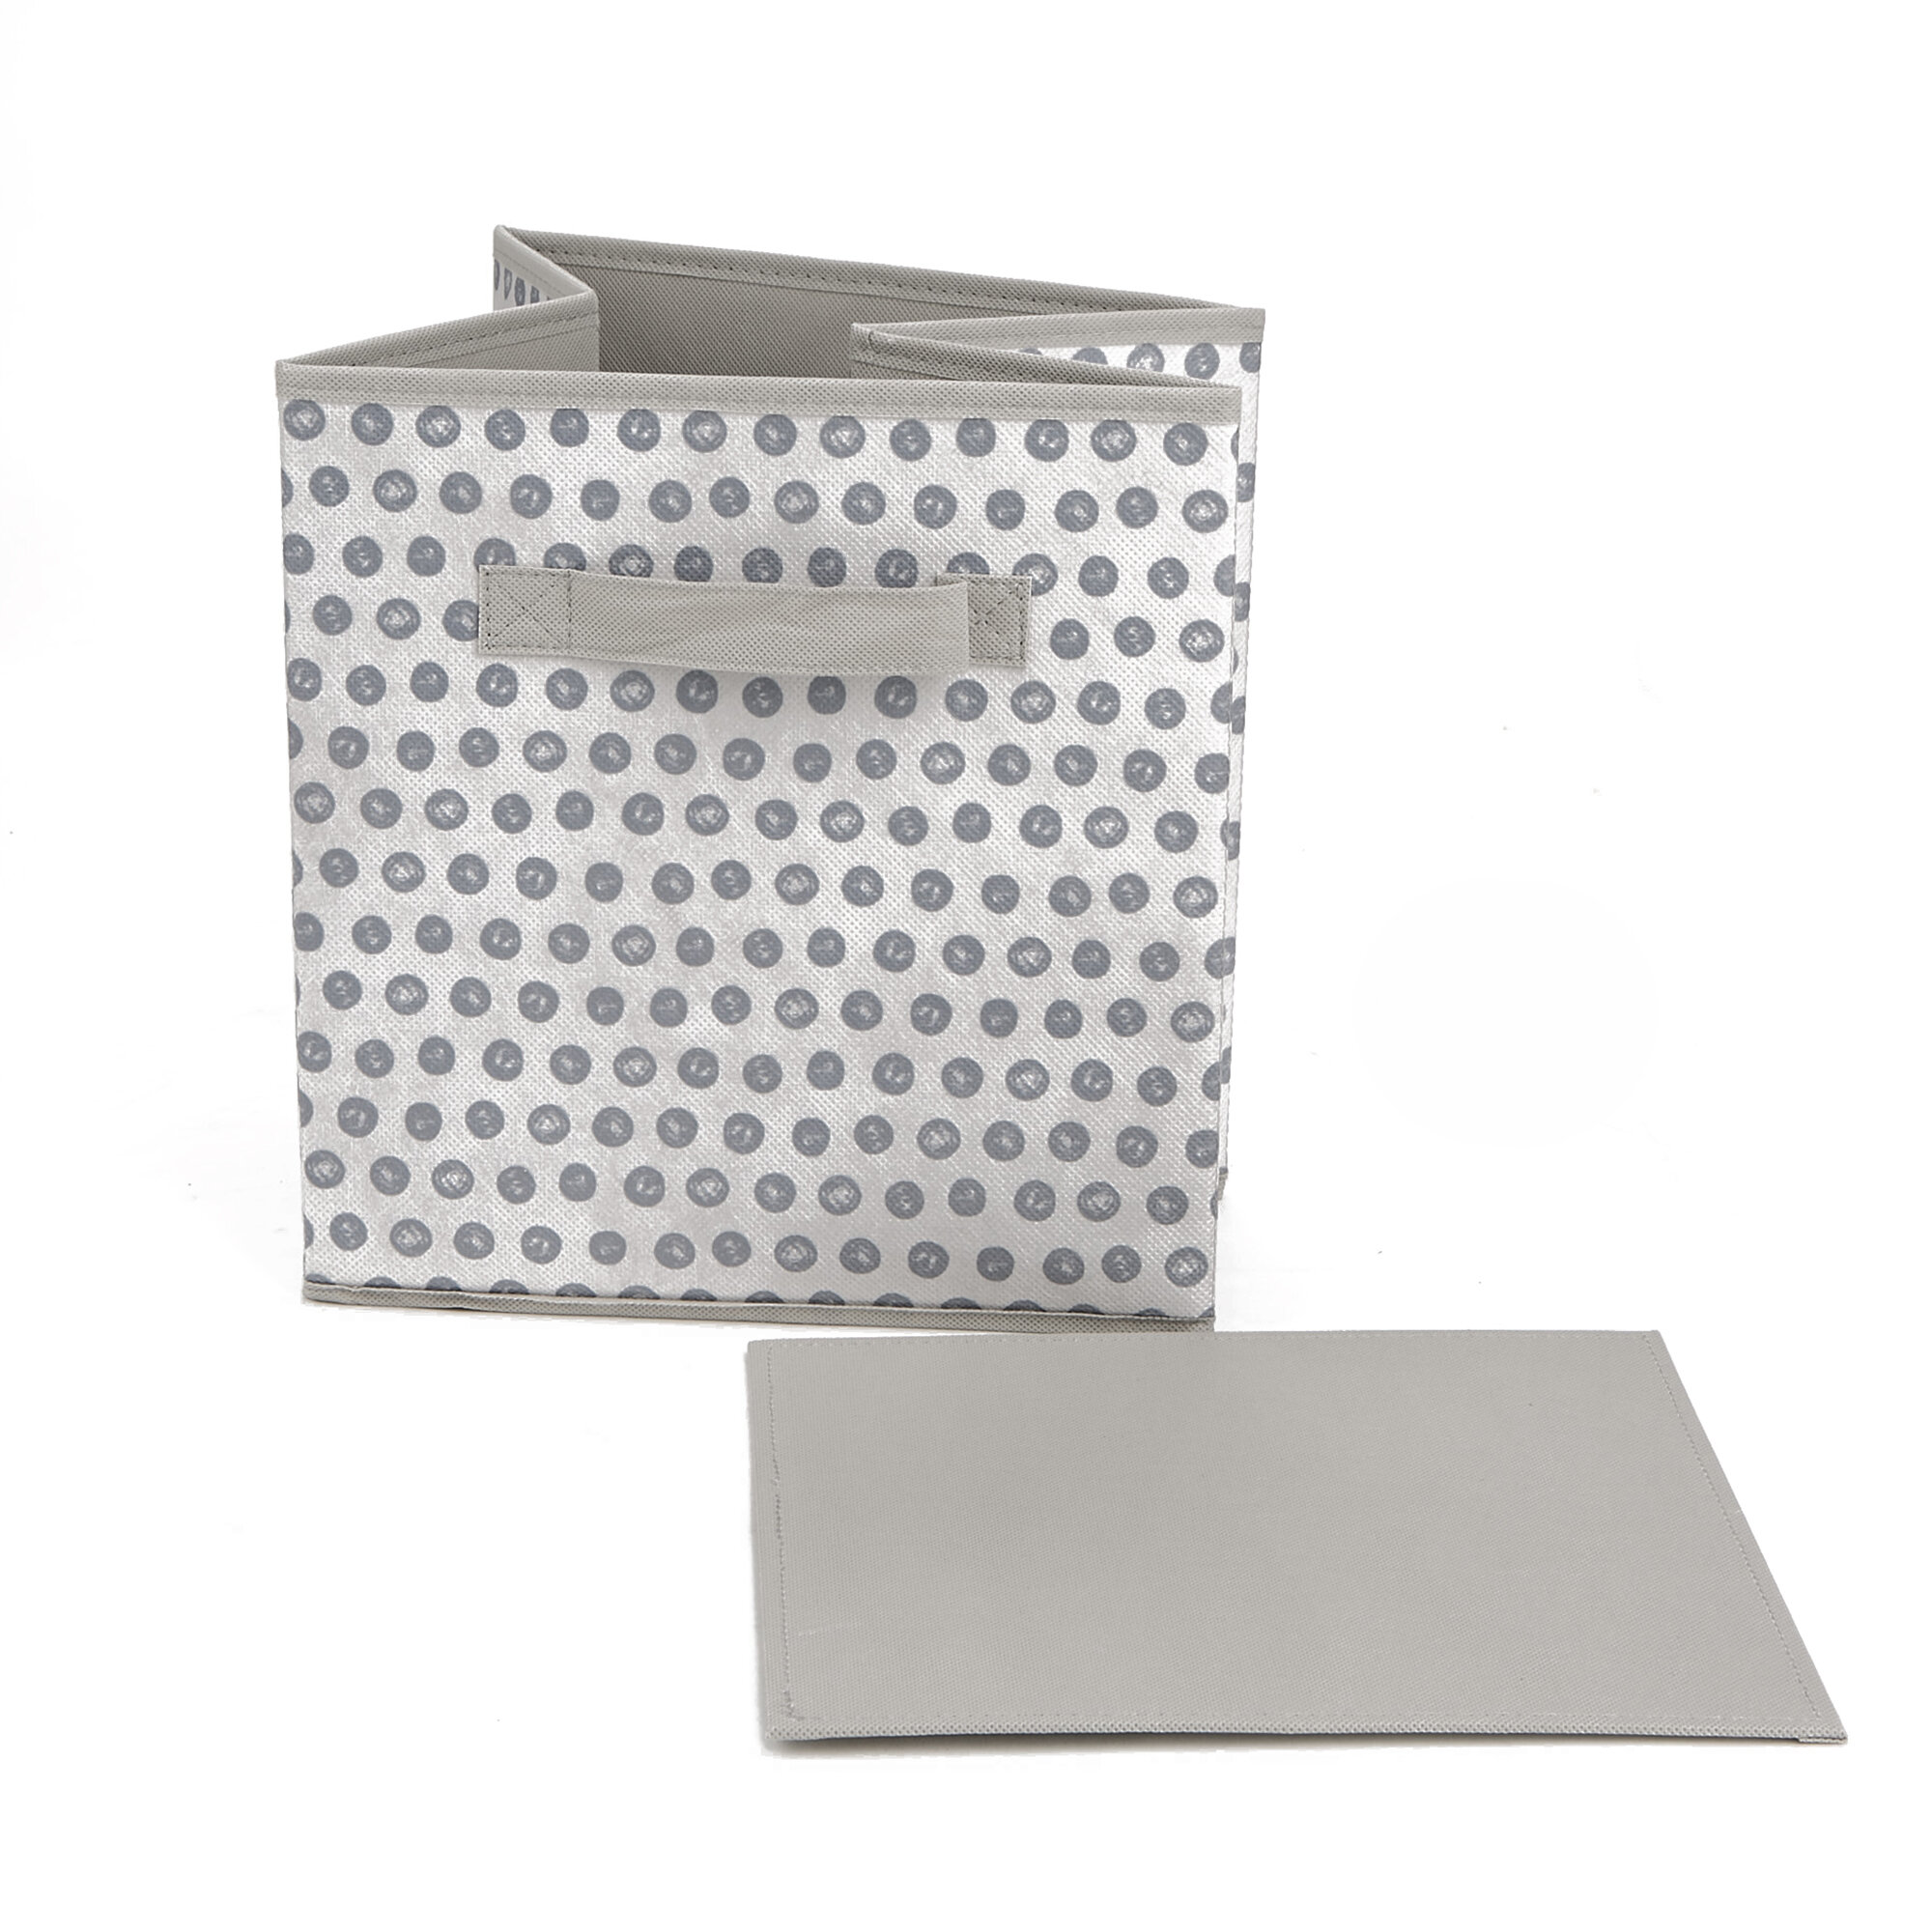 Mind Reader Storage Bin Dots Design Foldable Storage Basket With Handles Decorative Storage Bins Cube Organizer Bin Bathroom Bedroom Children S